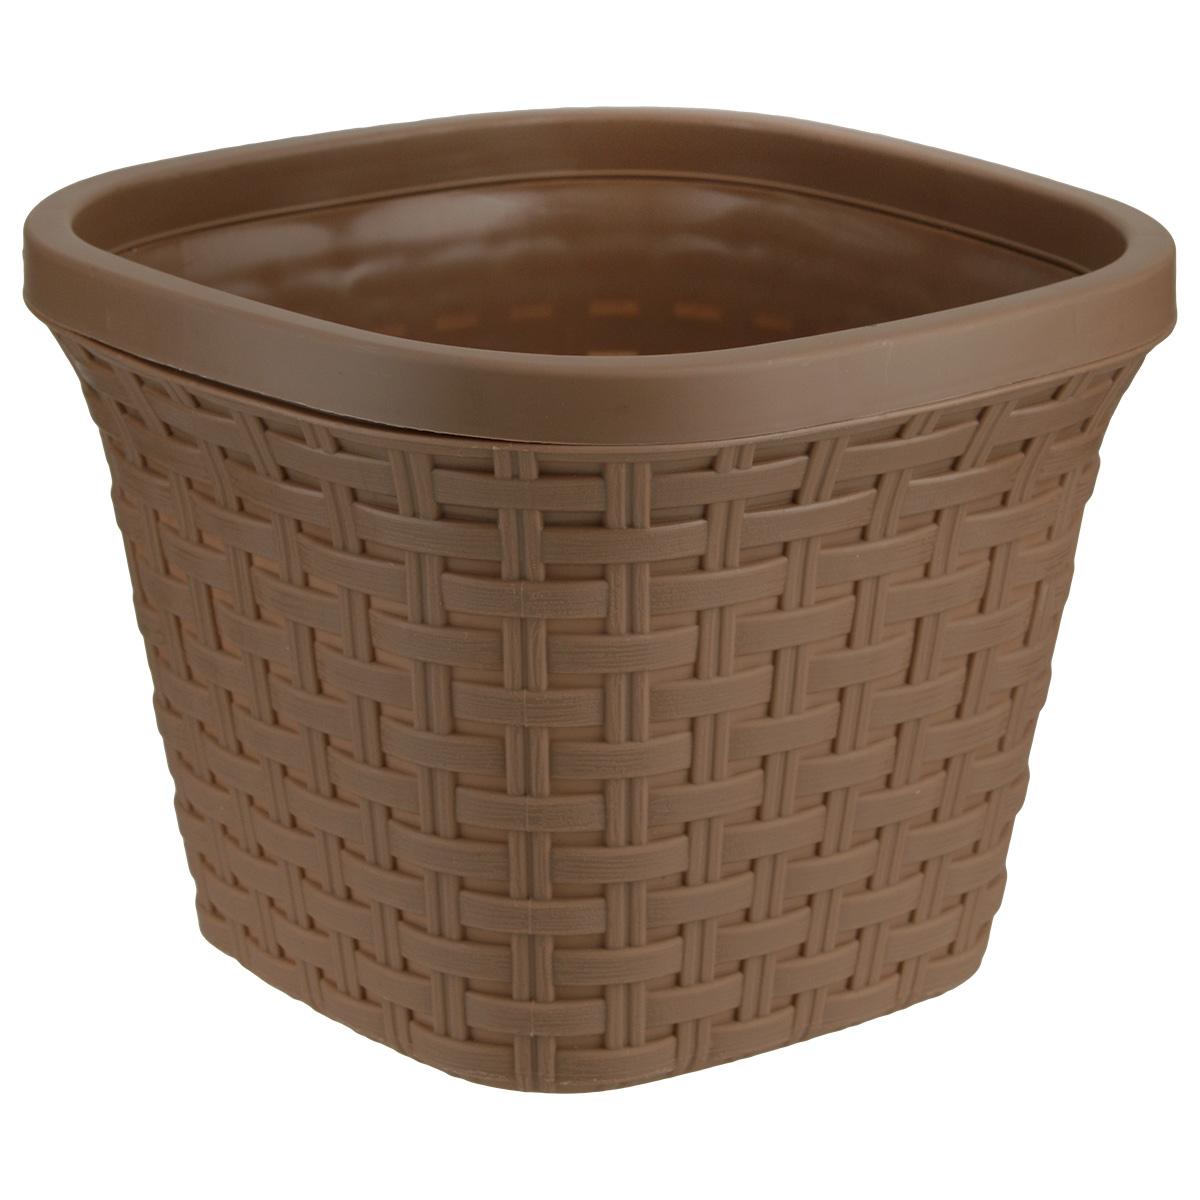 Кашпо квадратное Violet Ротанг, с дренажной системой, цвет: какао, 3,8 лBH-SI0439-WWКвадратное кашпо Violet Ротанг изготовлено из высококачественного пластика и оснащено дренажной системой для быстрого отведения избытка воды при поливе. Изделие прекрасно подходит для выращивания растений и цветов в домашних условиях. Лаконичный дизайн впишется в интерьер любого помещения.Объем: 3,8 л.